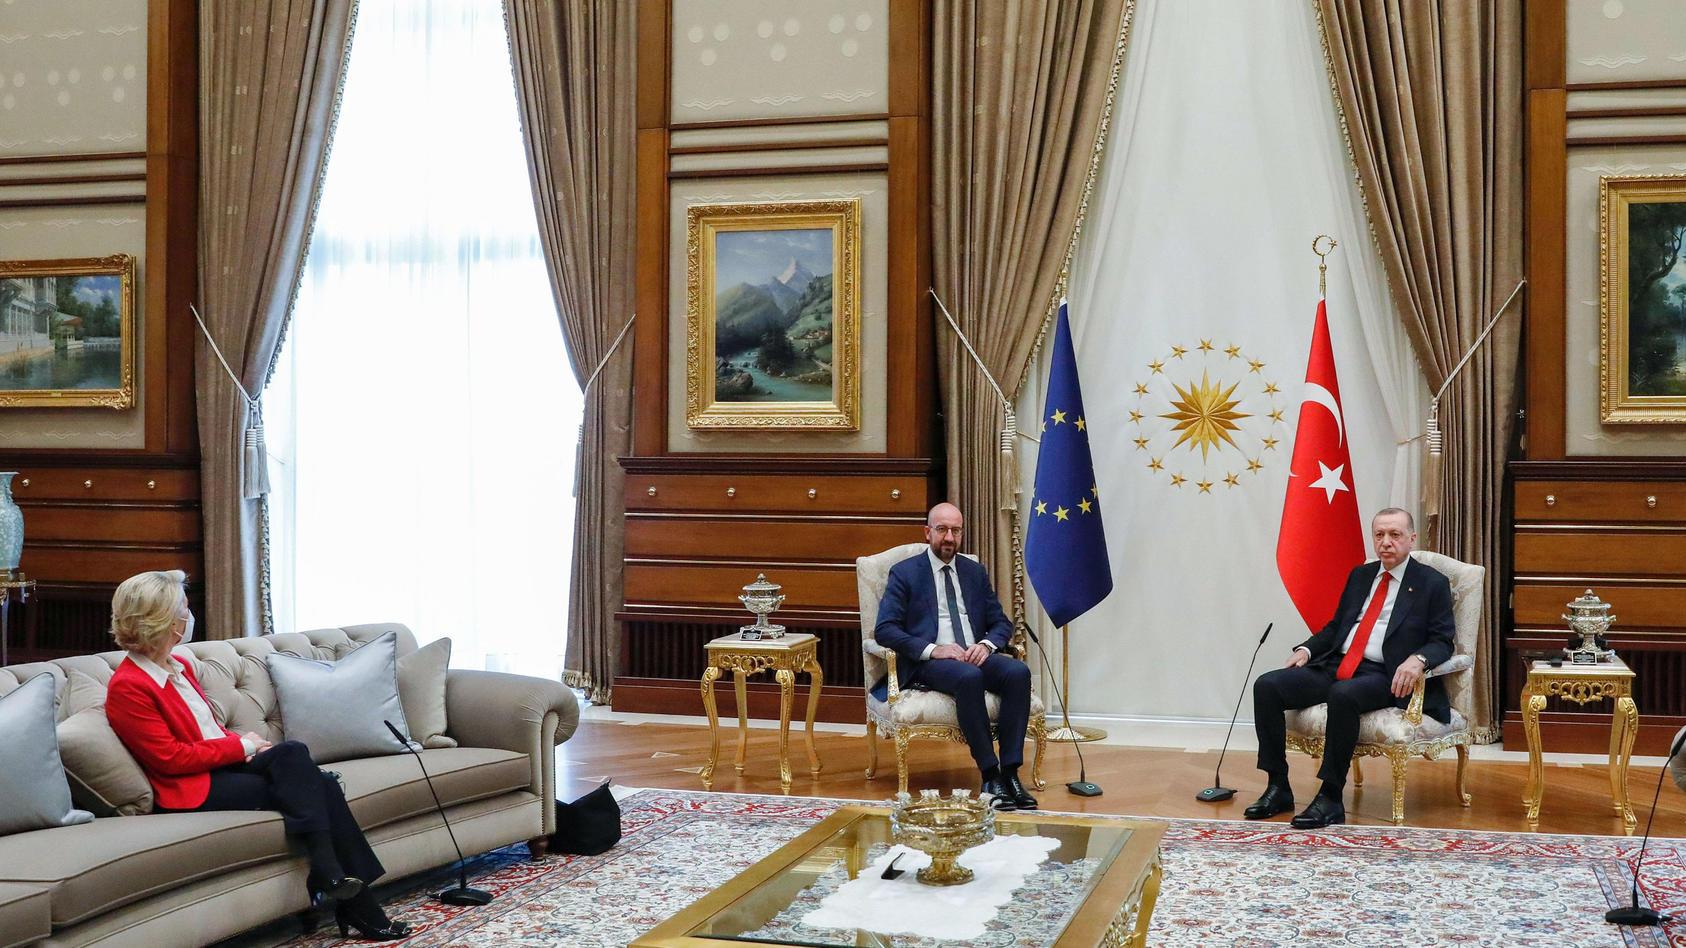 EU-Spitzen treffen Erdogan inAnkara. Von der Leyen muss auf der Couch Platz nehmen.